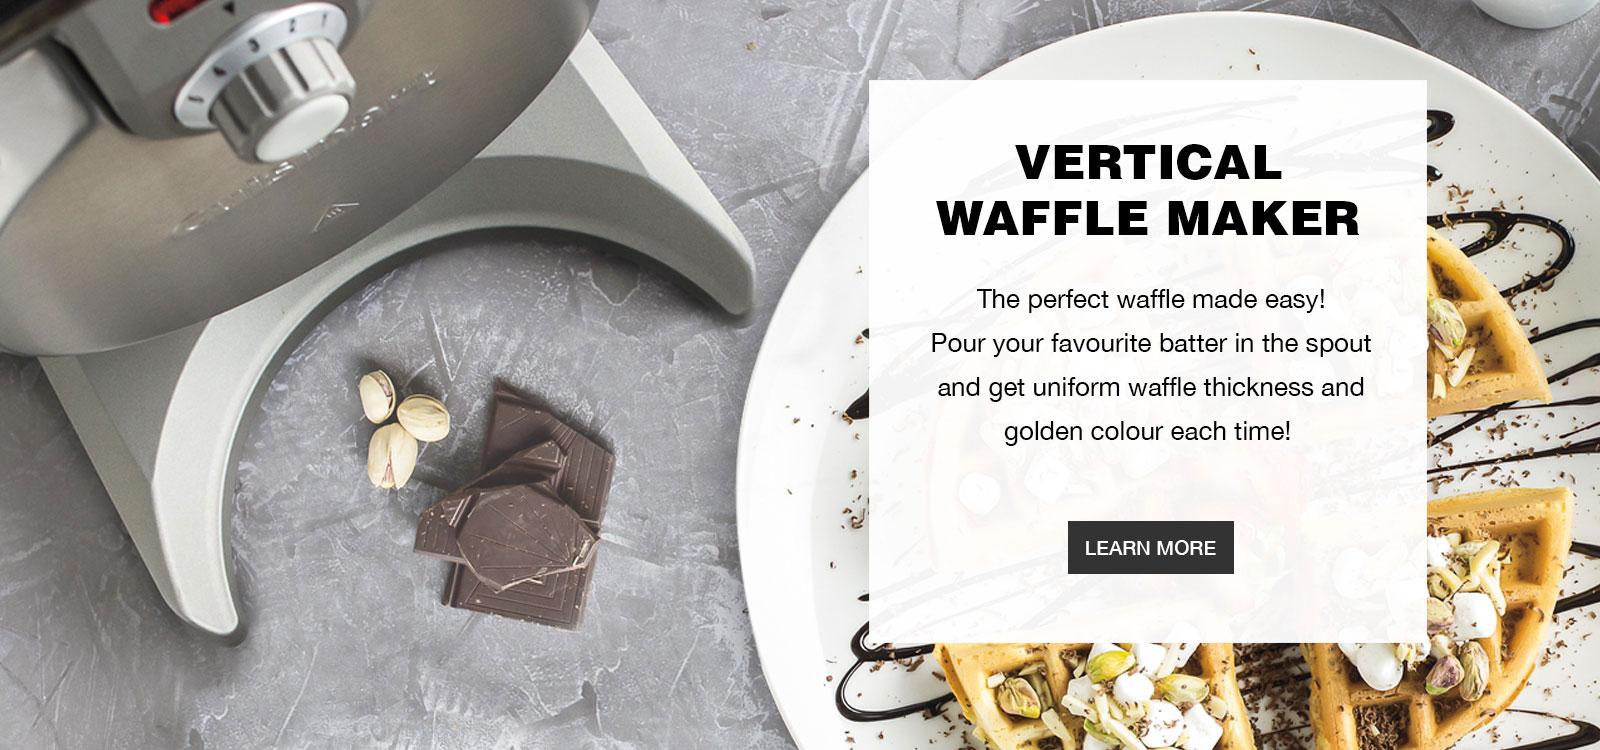 Vertical Waffle Maker